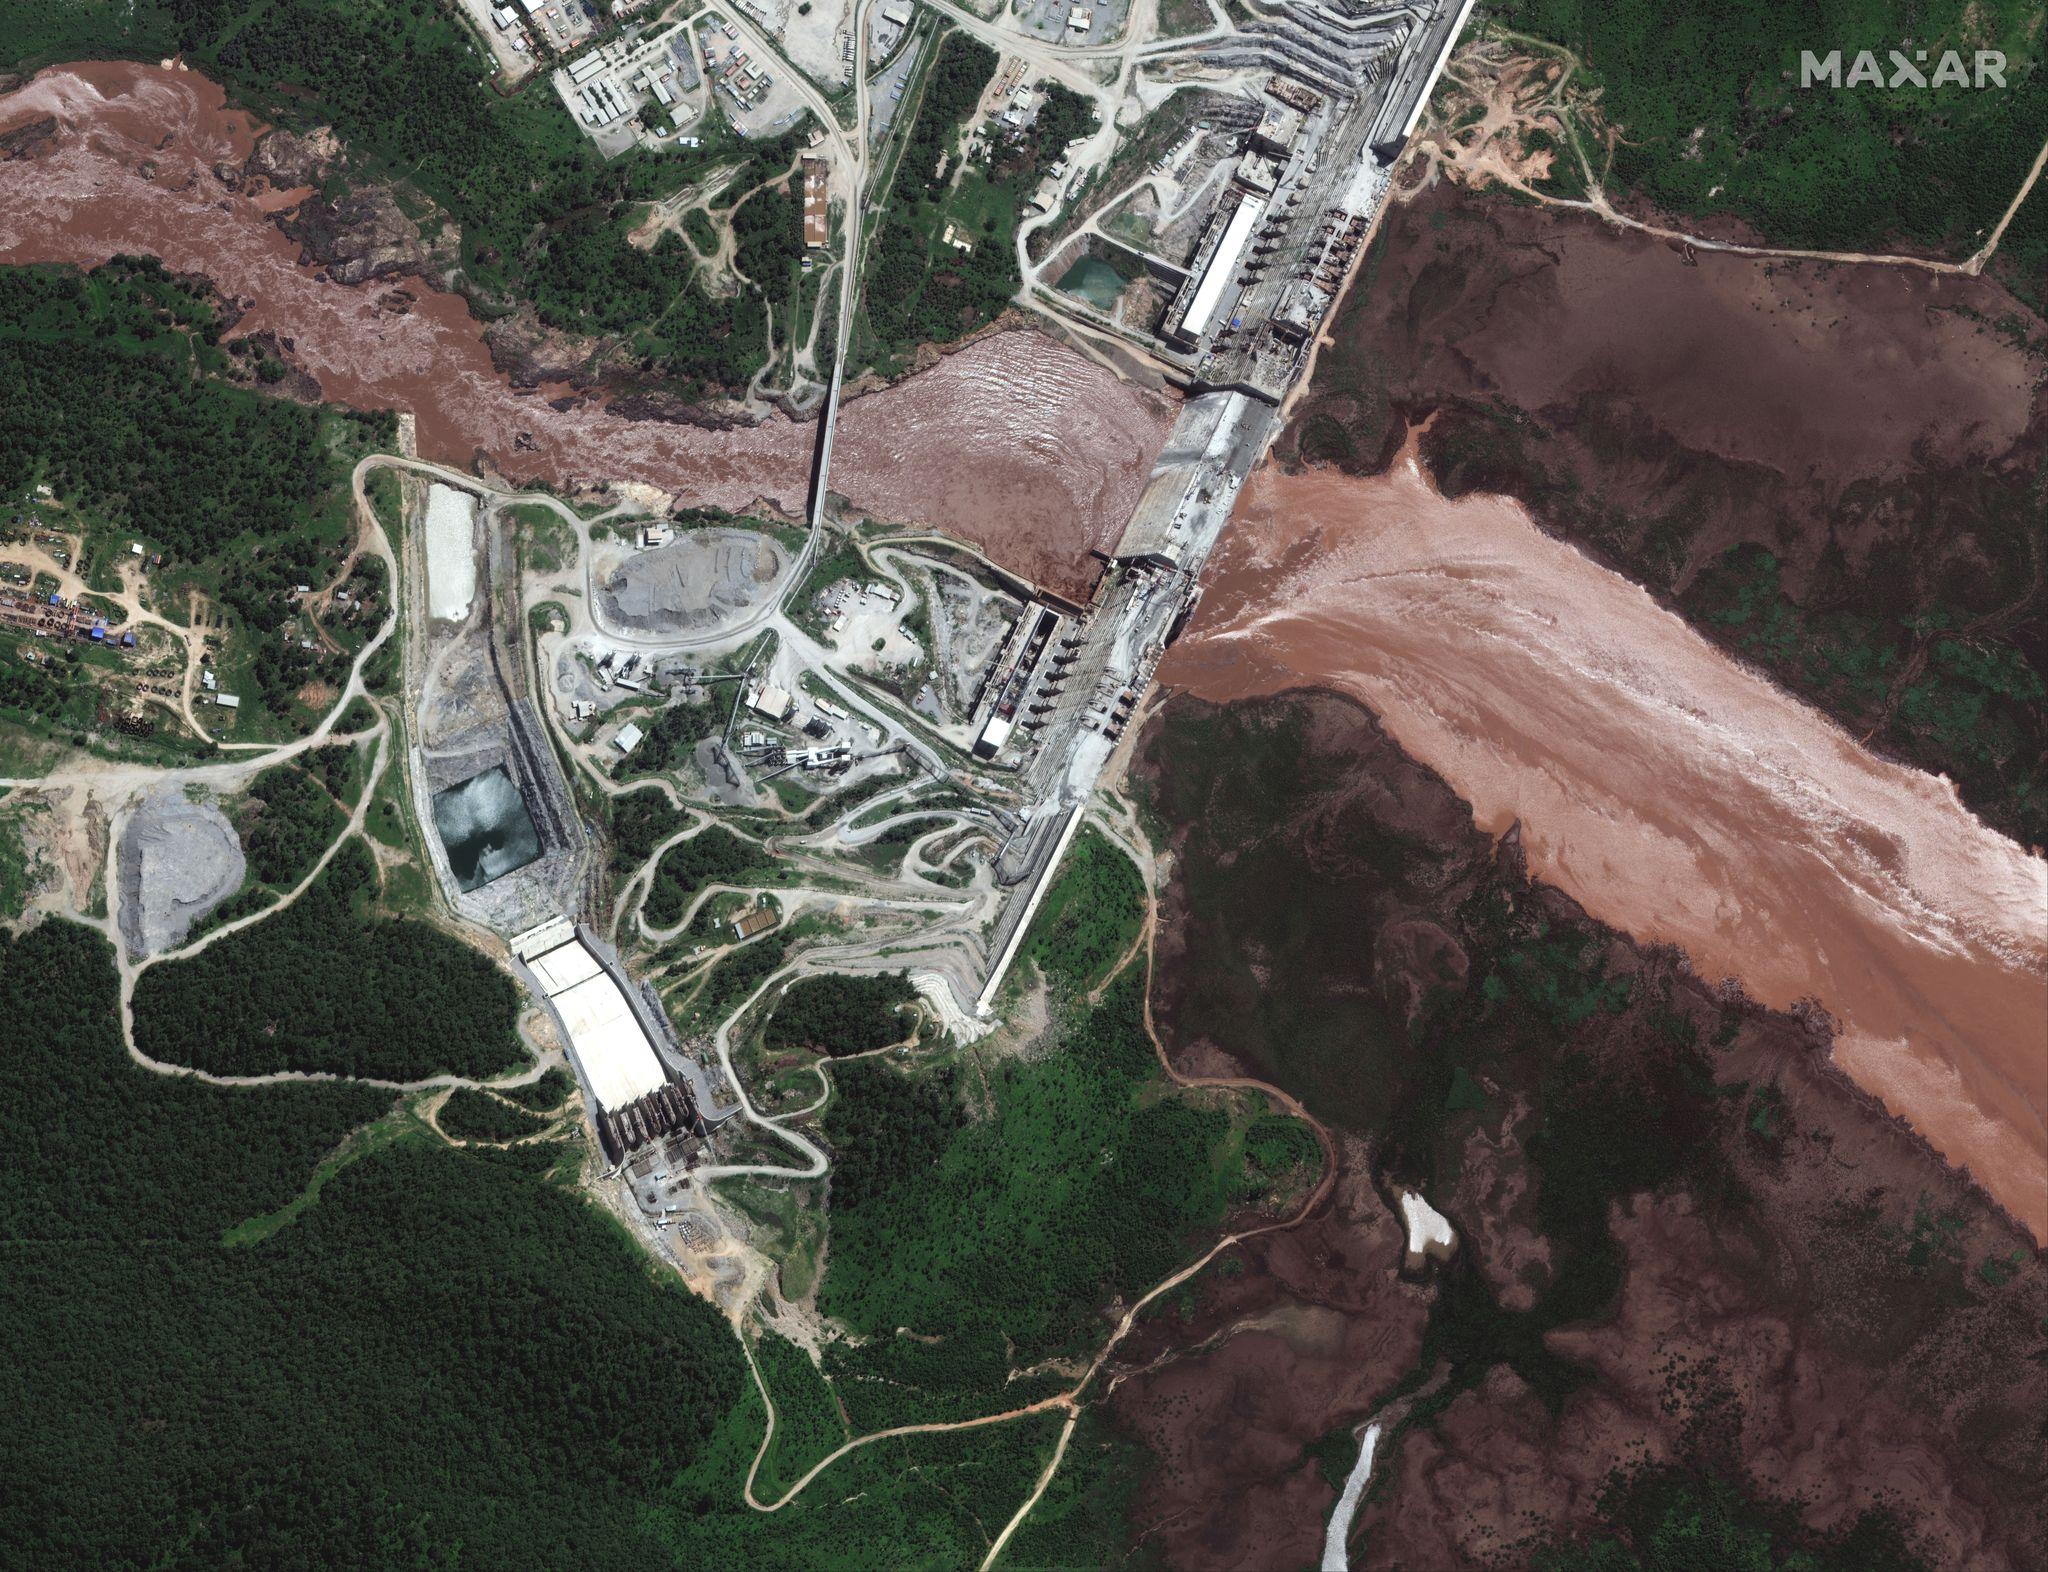 지난 6월 26일 현재 '그랜드 에티오피아 르네상스 댐'의 위성사진. 아직 담수를 시작하지 않았다. 로이터=연합뉴스